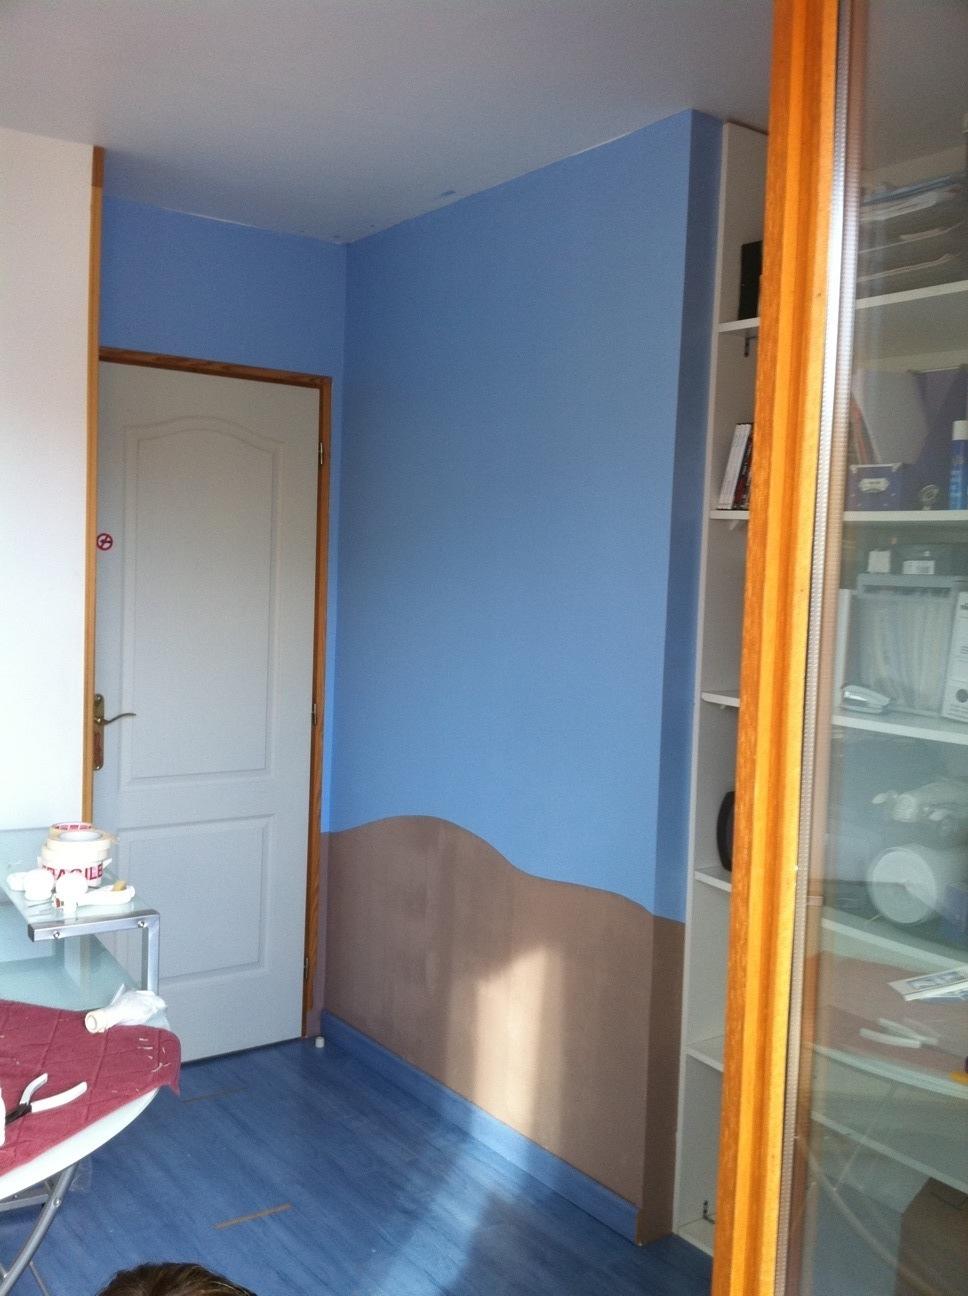 decoration salle de jeux id es et conseils d co decoration salle de jeux les murs de deux. Black Bedroom Furniture Sets. Home Design Ideas